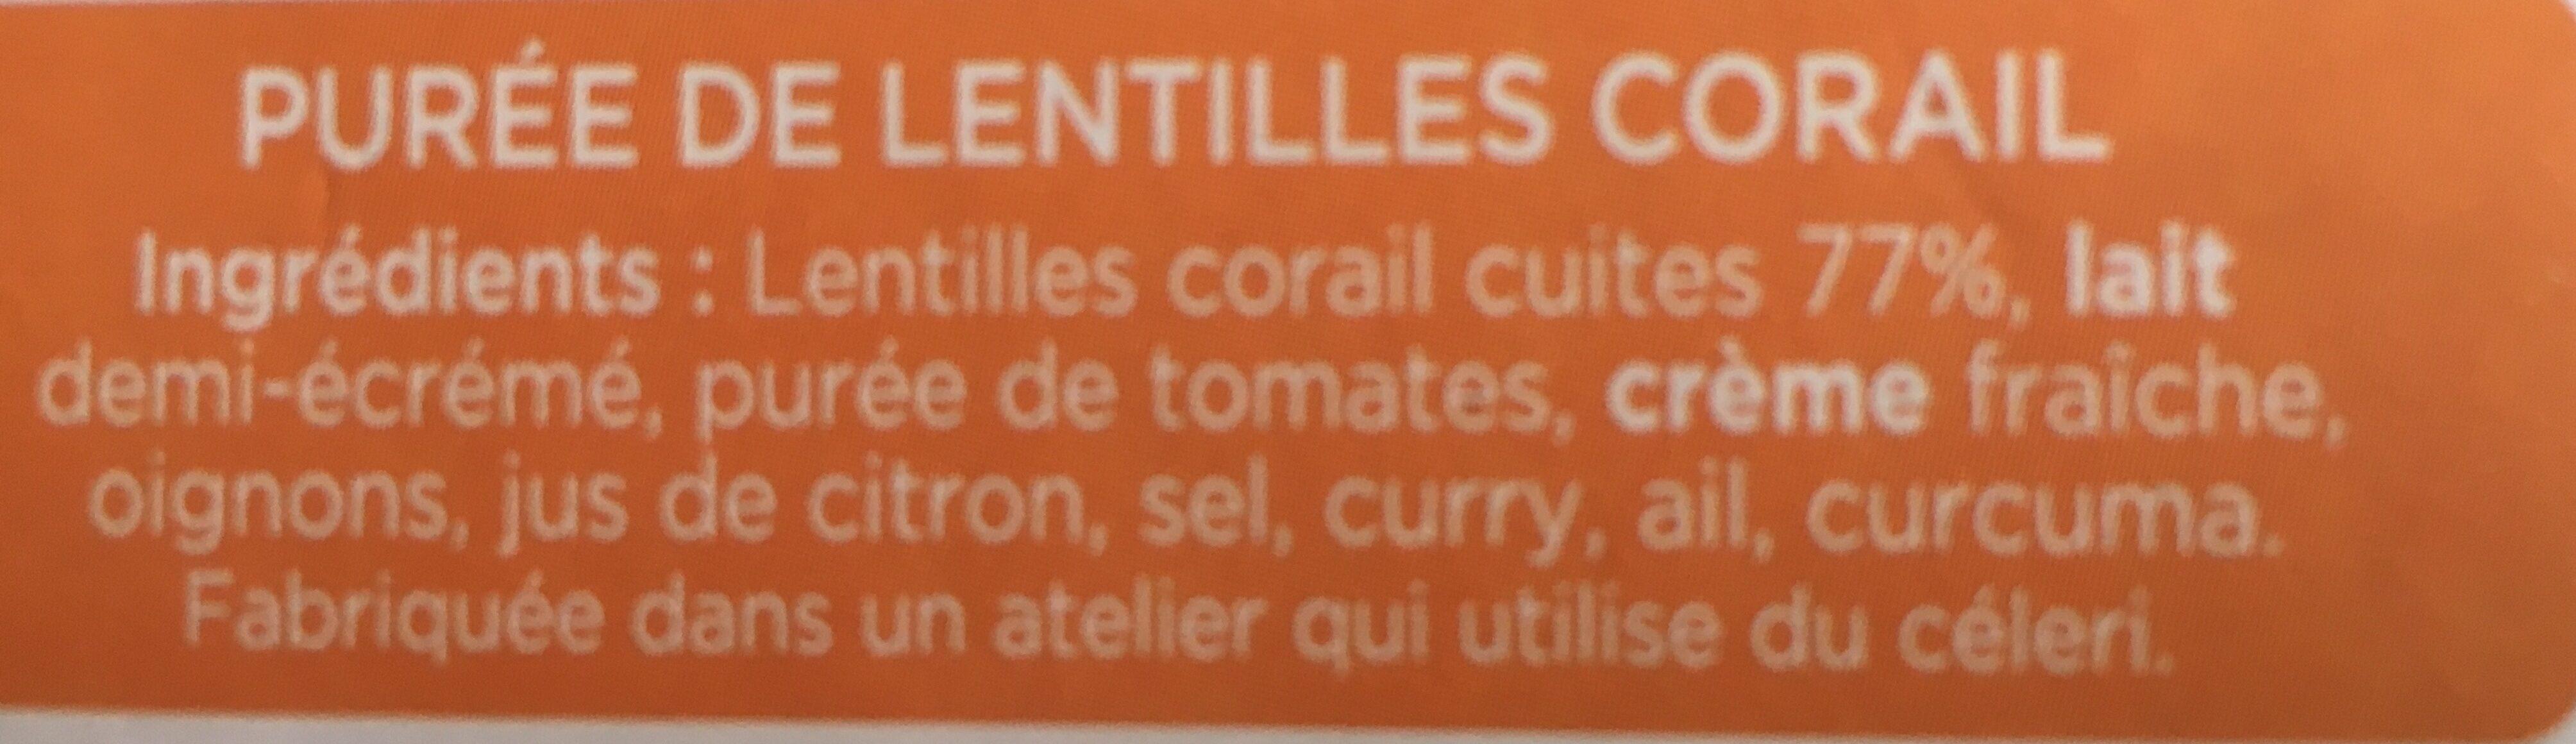 La PURÉE Lentilles Corail - Ingrédients - fr